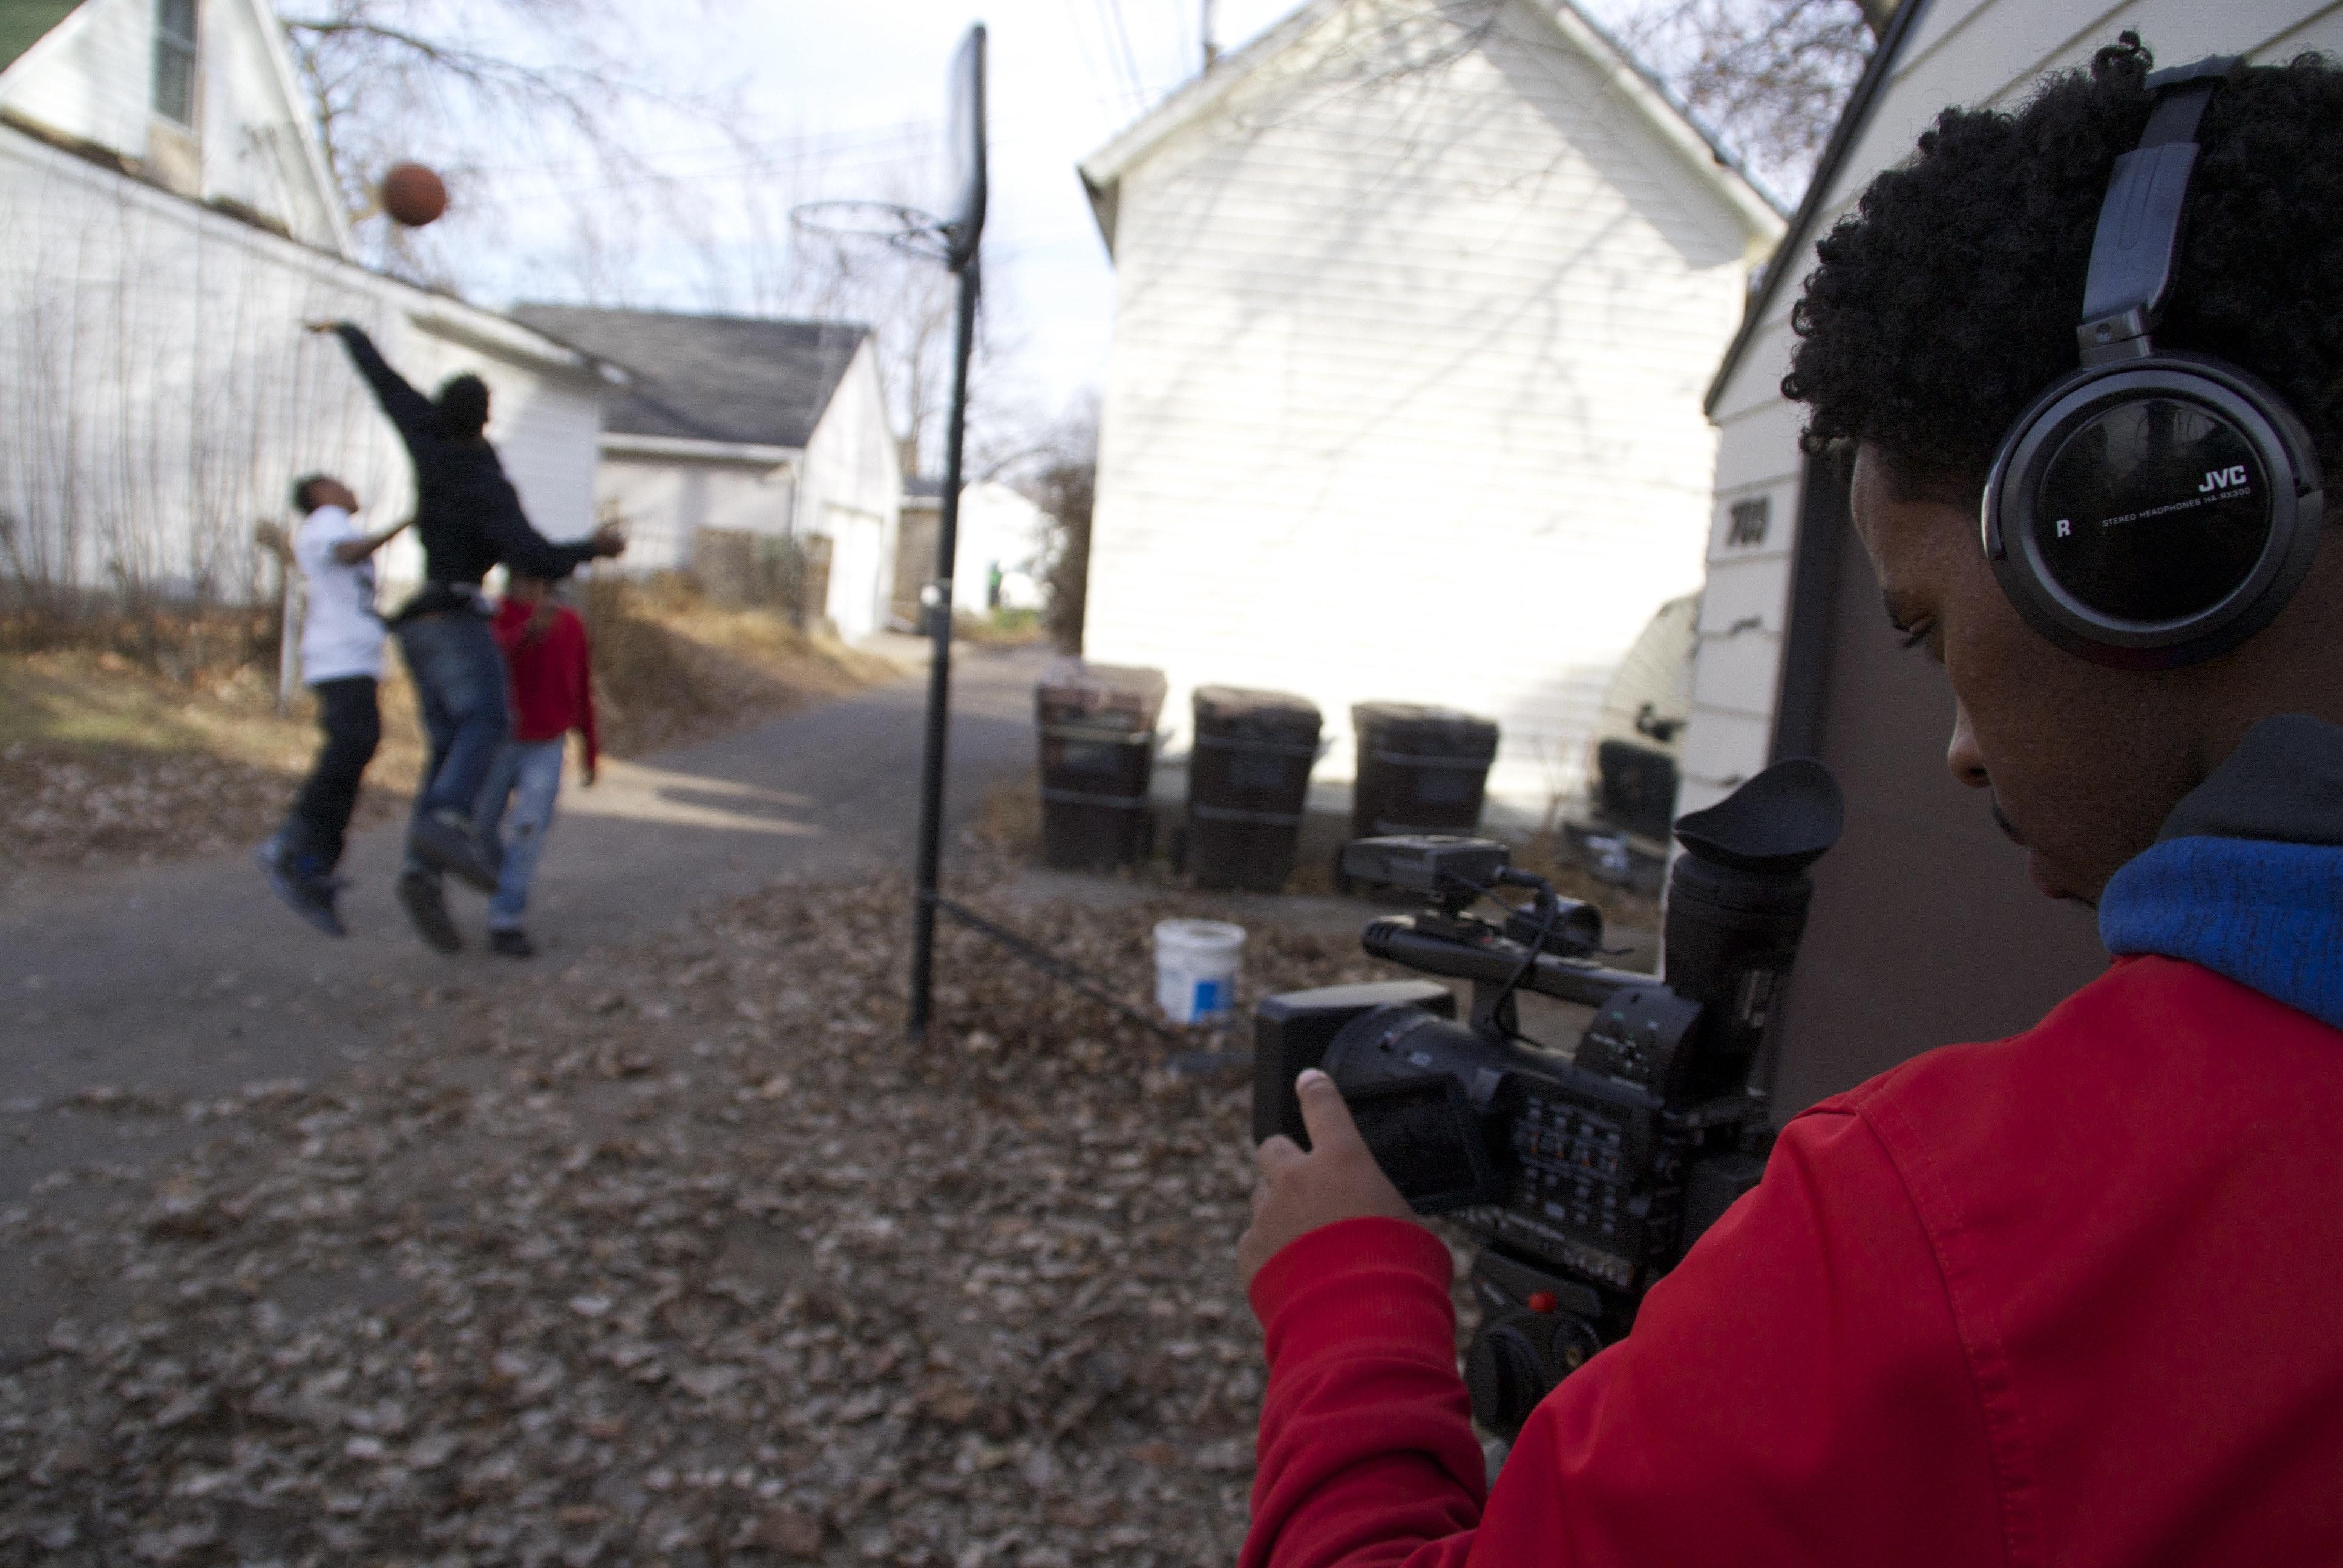 <p><em>Photo courtesy of Independent Filmmaker Project Minnesota.</em></p>